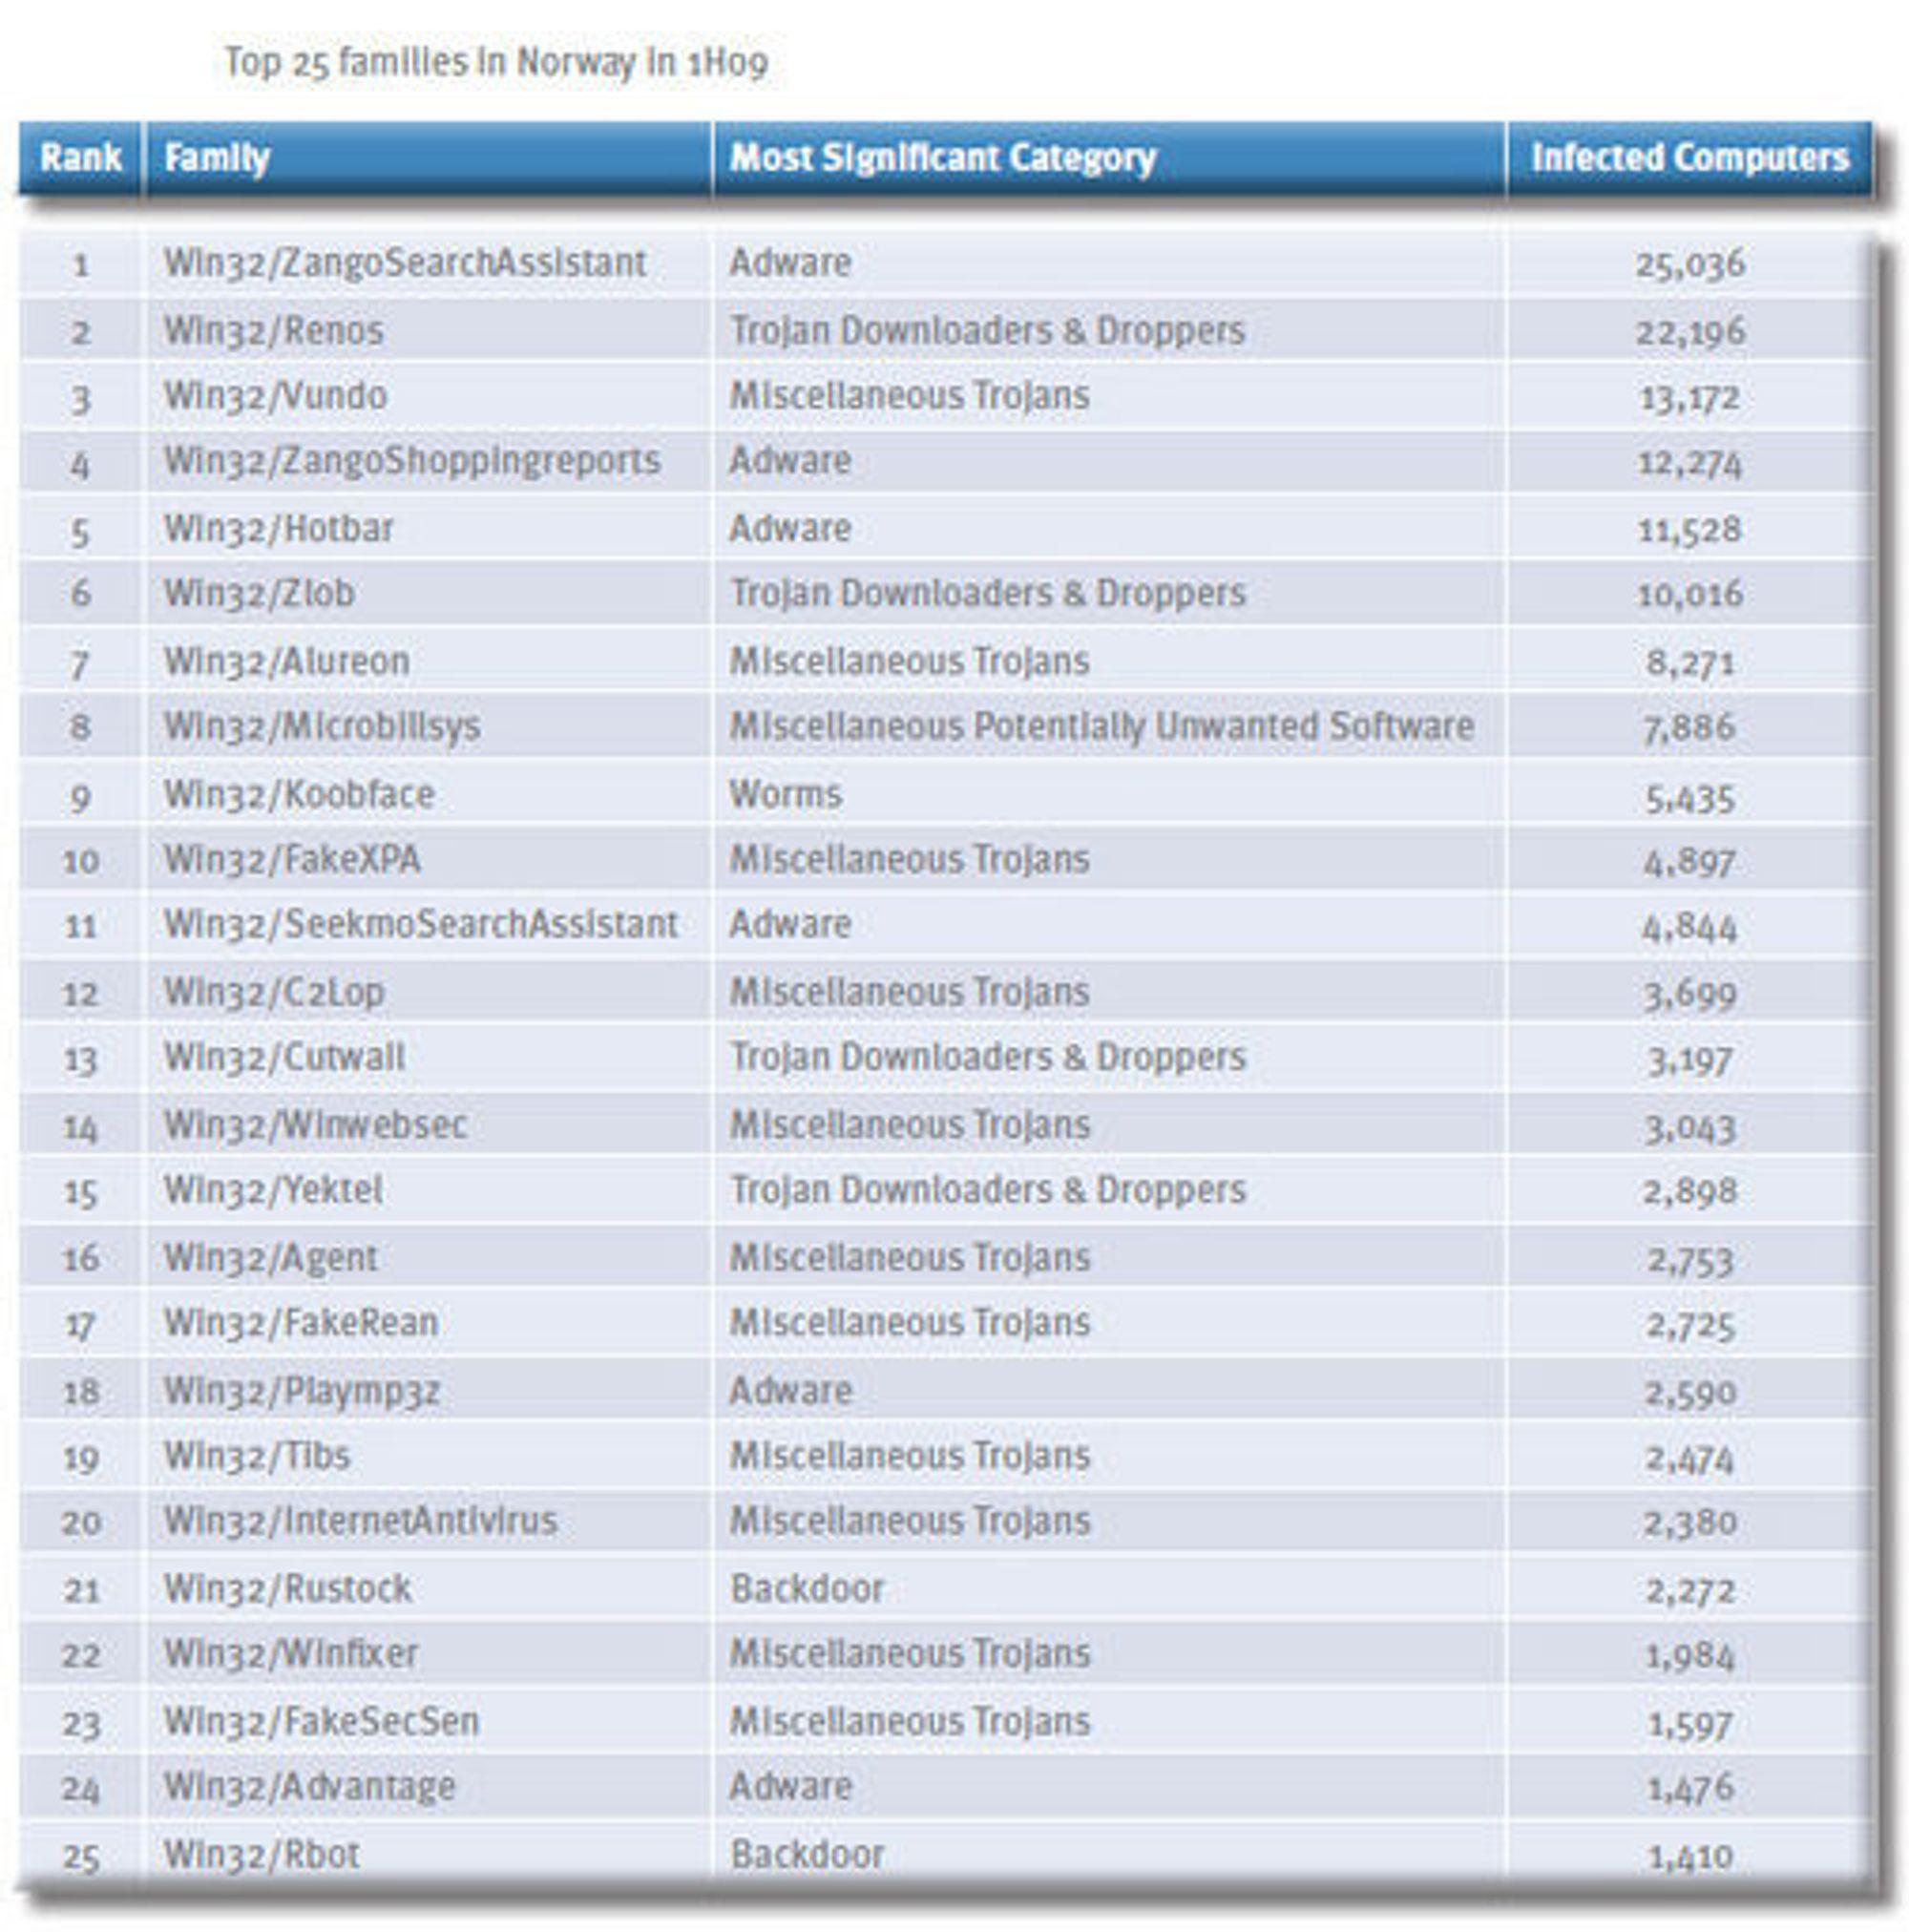 Den mest utbredte skadevaren i Norge i første halvdel av 2009, ifølge Microsoft.